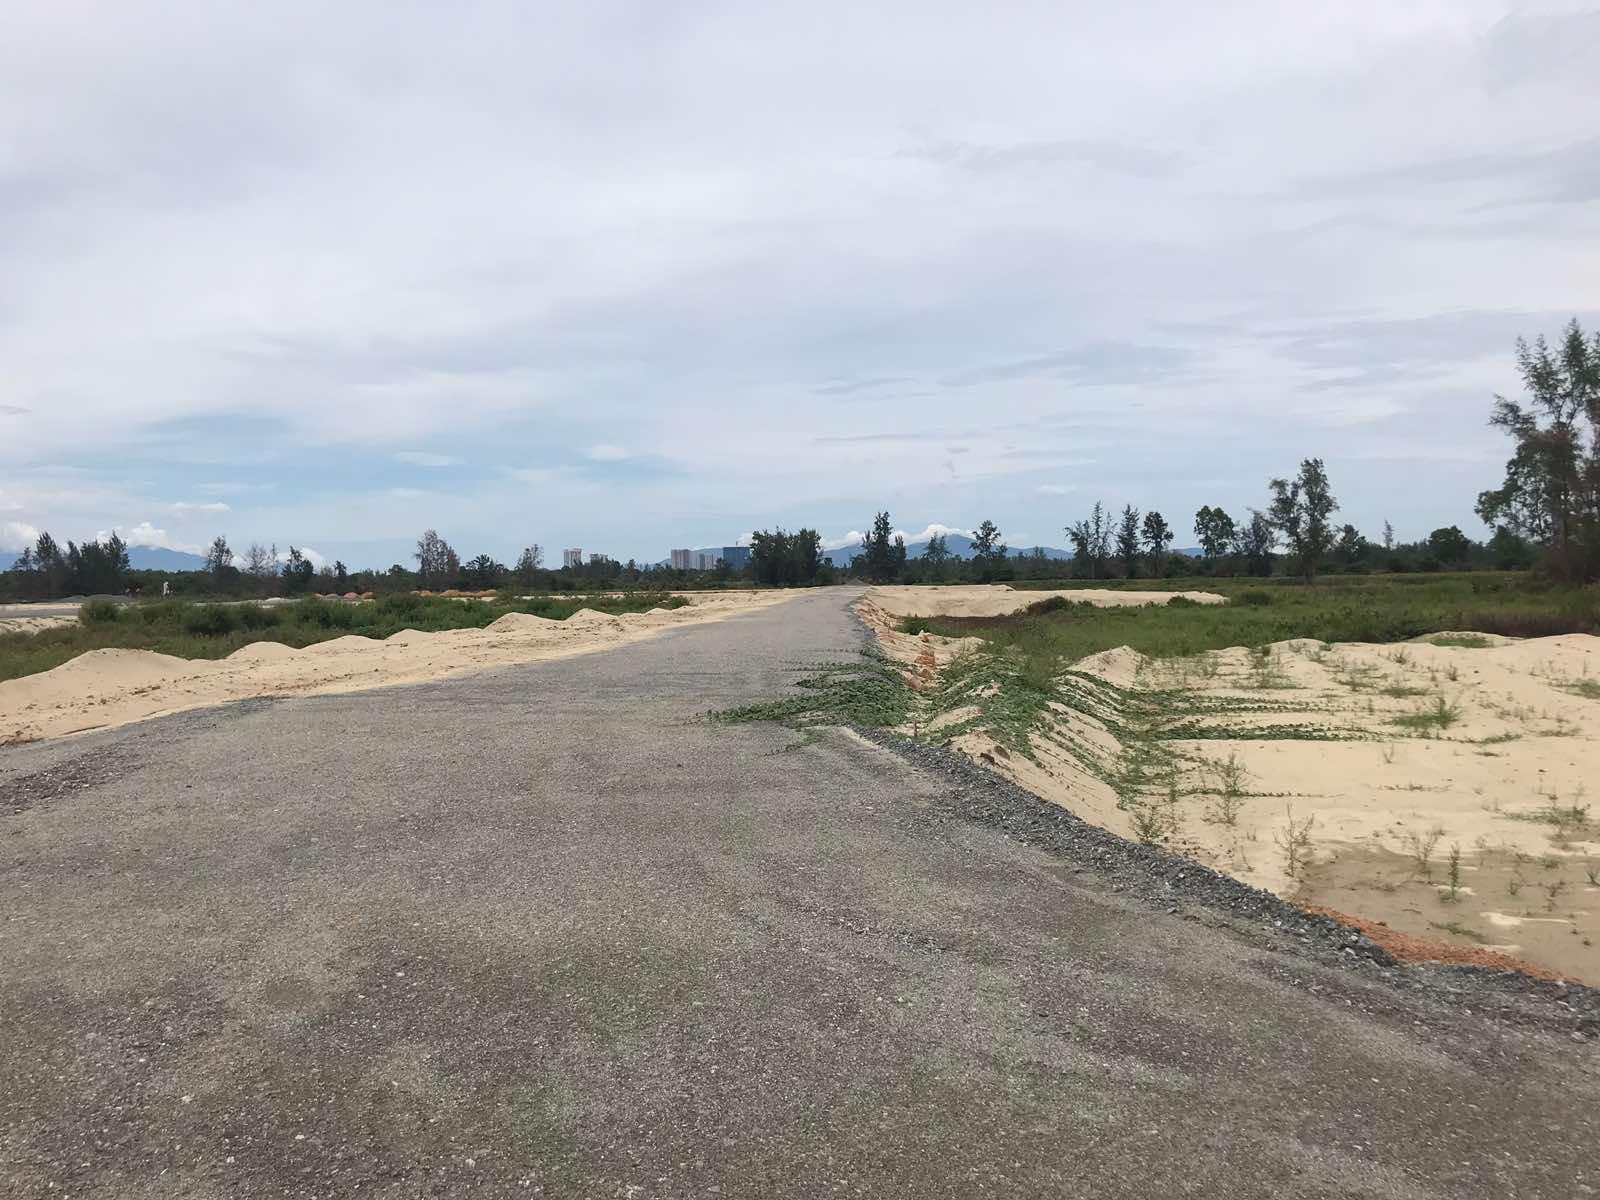 Quảng Nam 7 dự án bất động sản chính thức chấp thuận chủ trương đầu tư